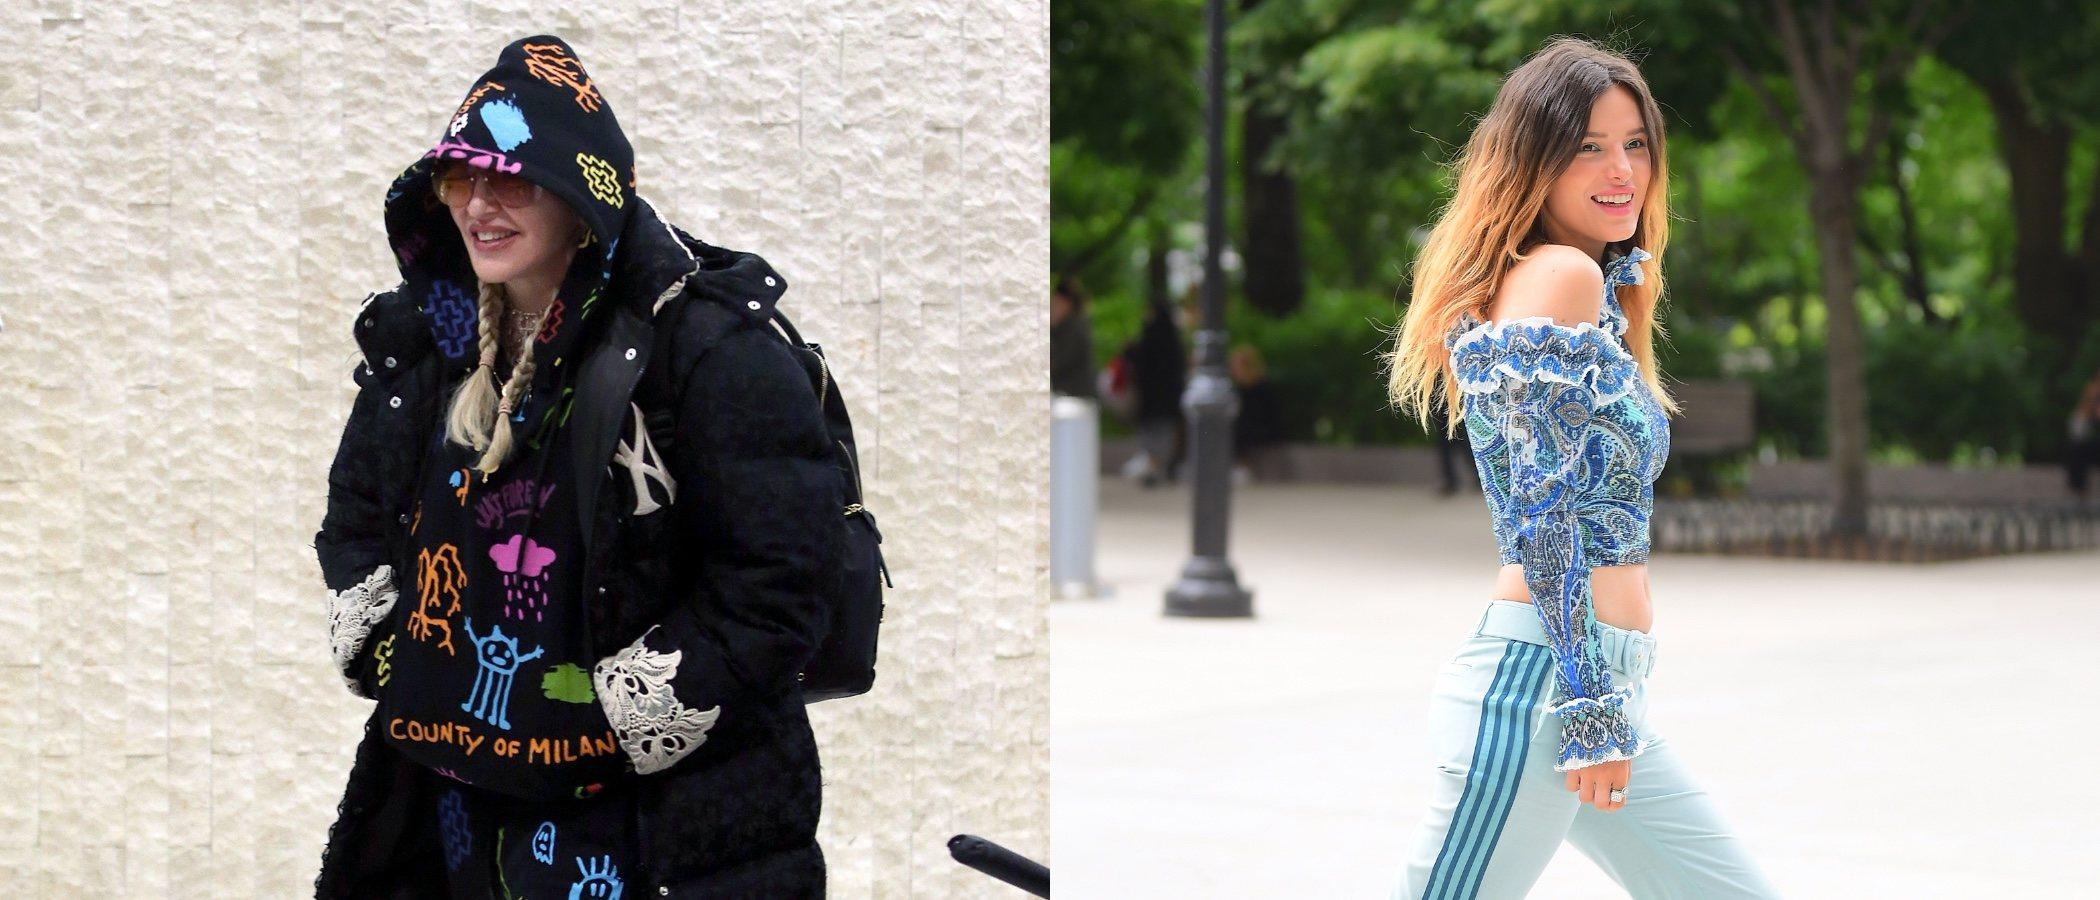 El look deportivo de Madonna y Bella Thorne, entre los peores outfits de la semana